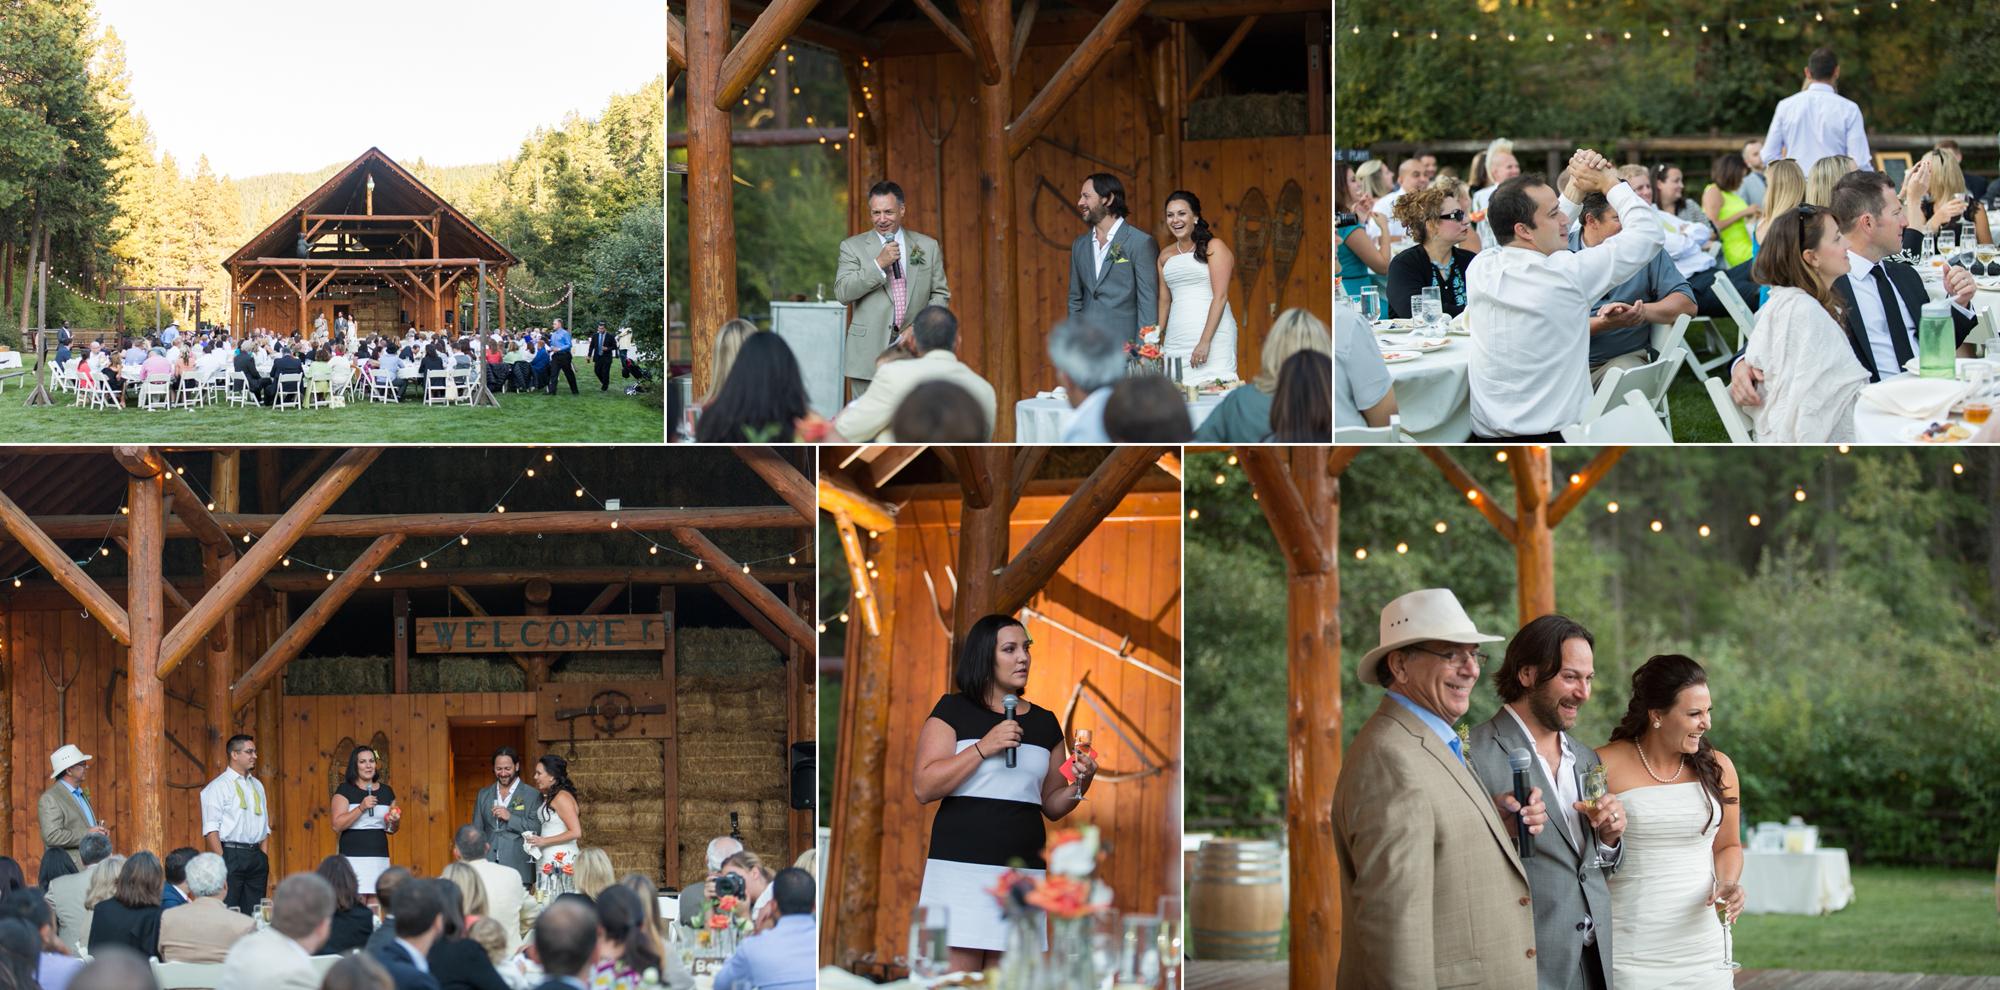 ashley vos photography seattle tacoma area wedding photographer_0830.jpg